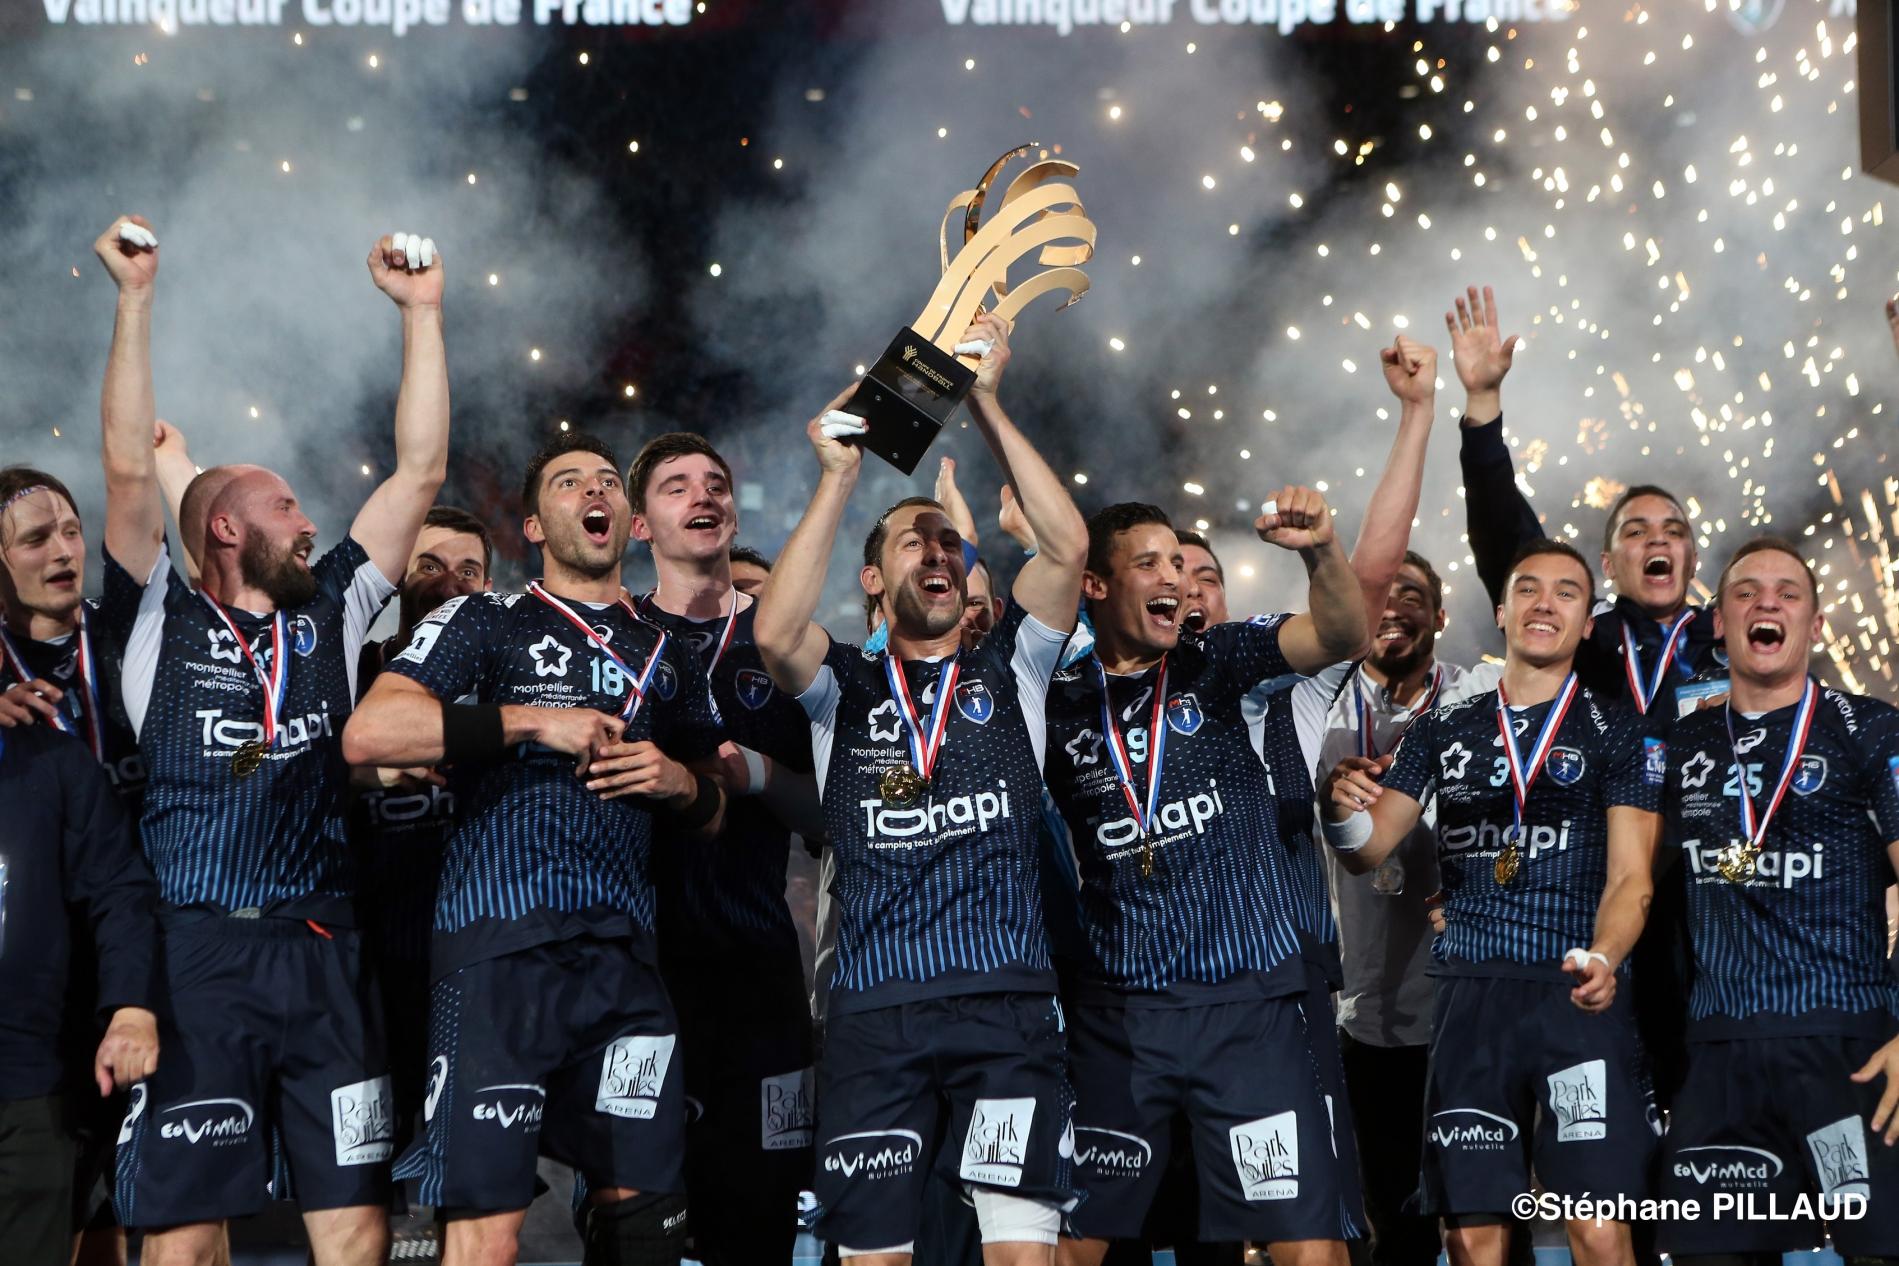 La Coupe de France 2016, le 40e titre du MHB